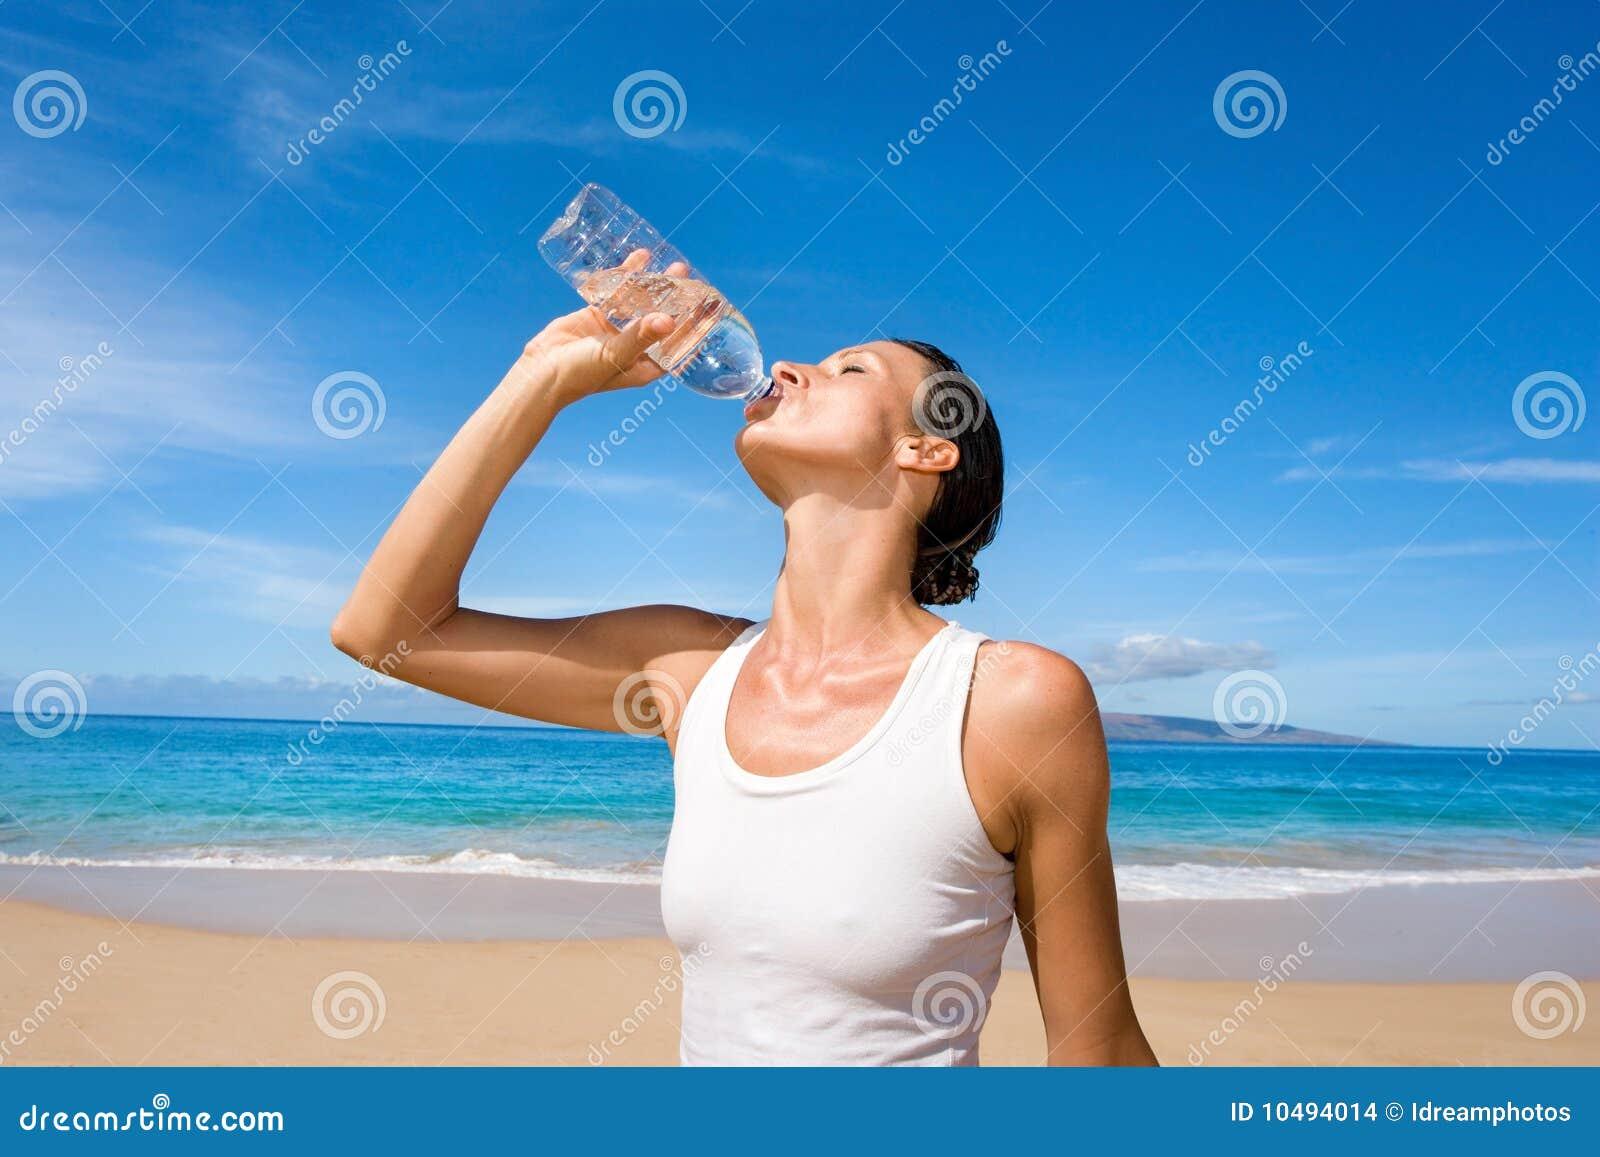 Wassersportflasche